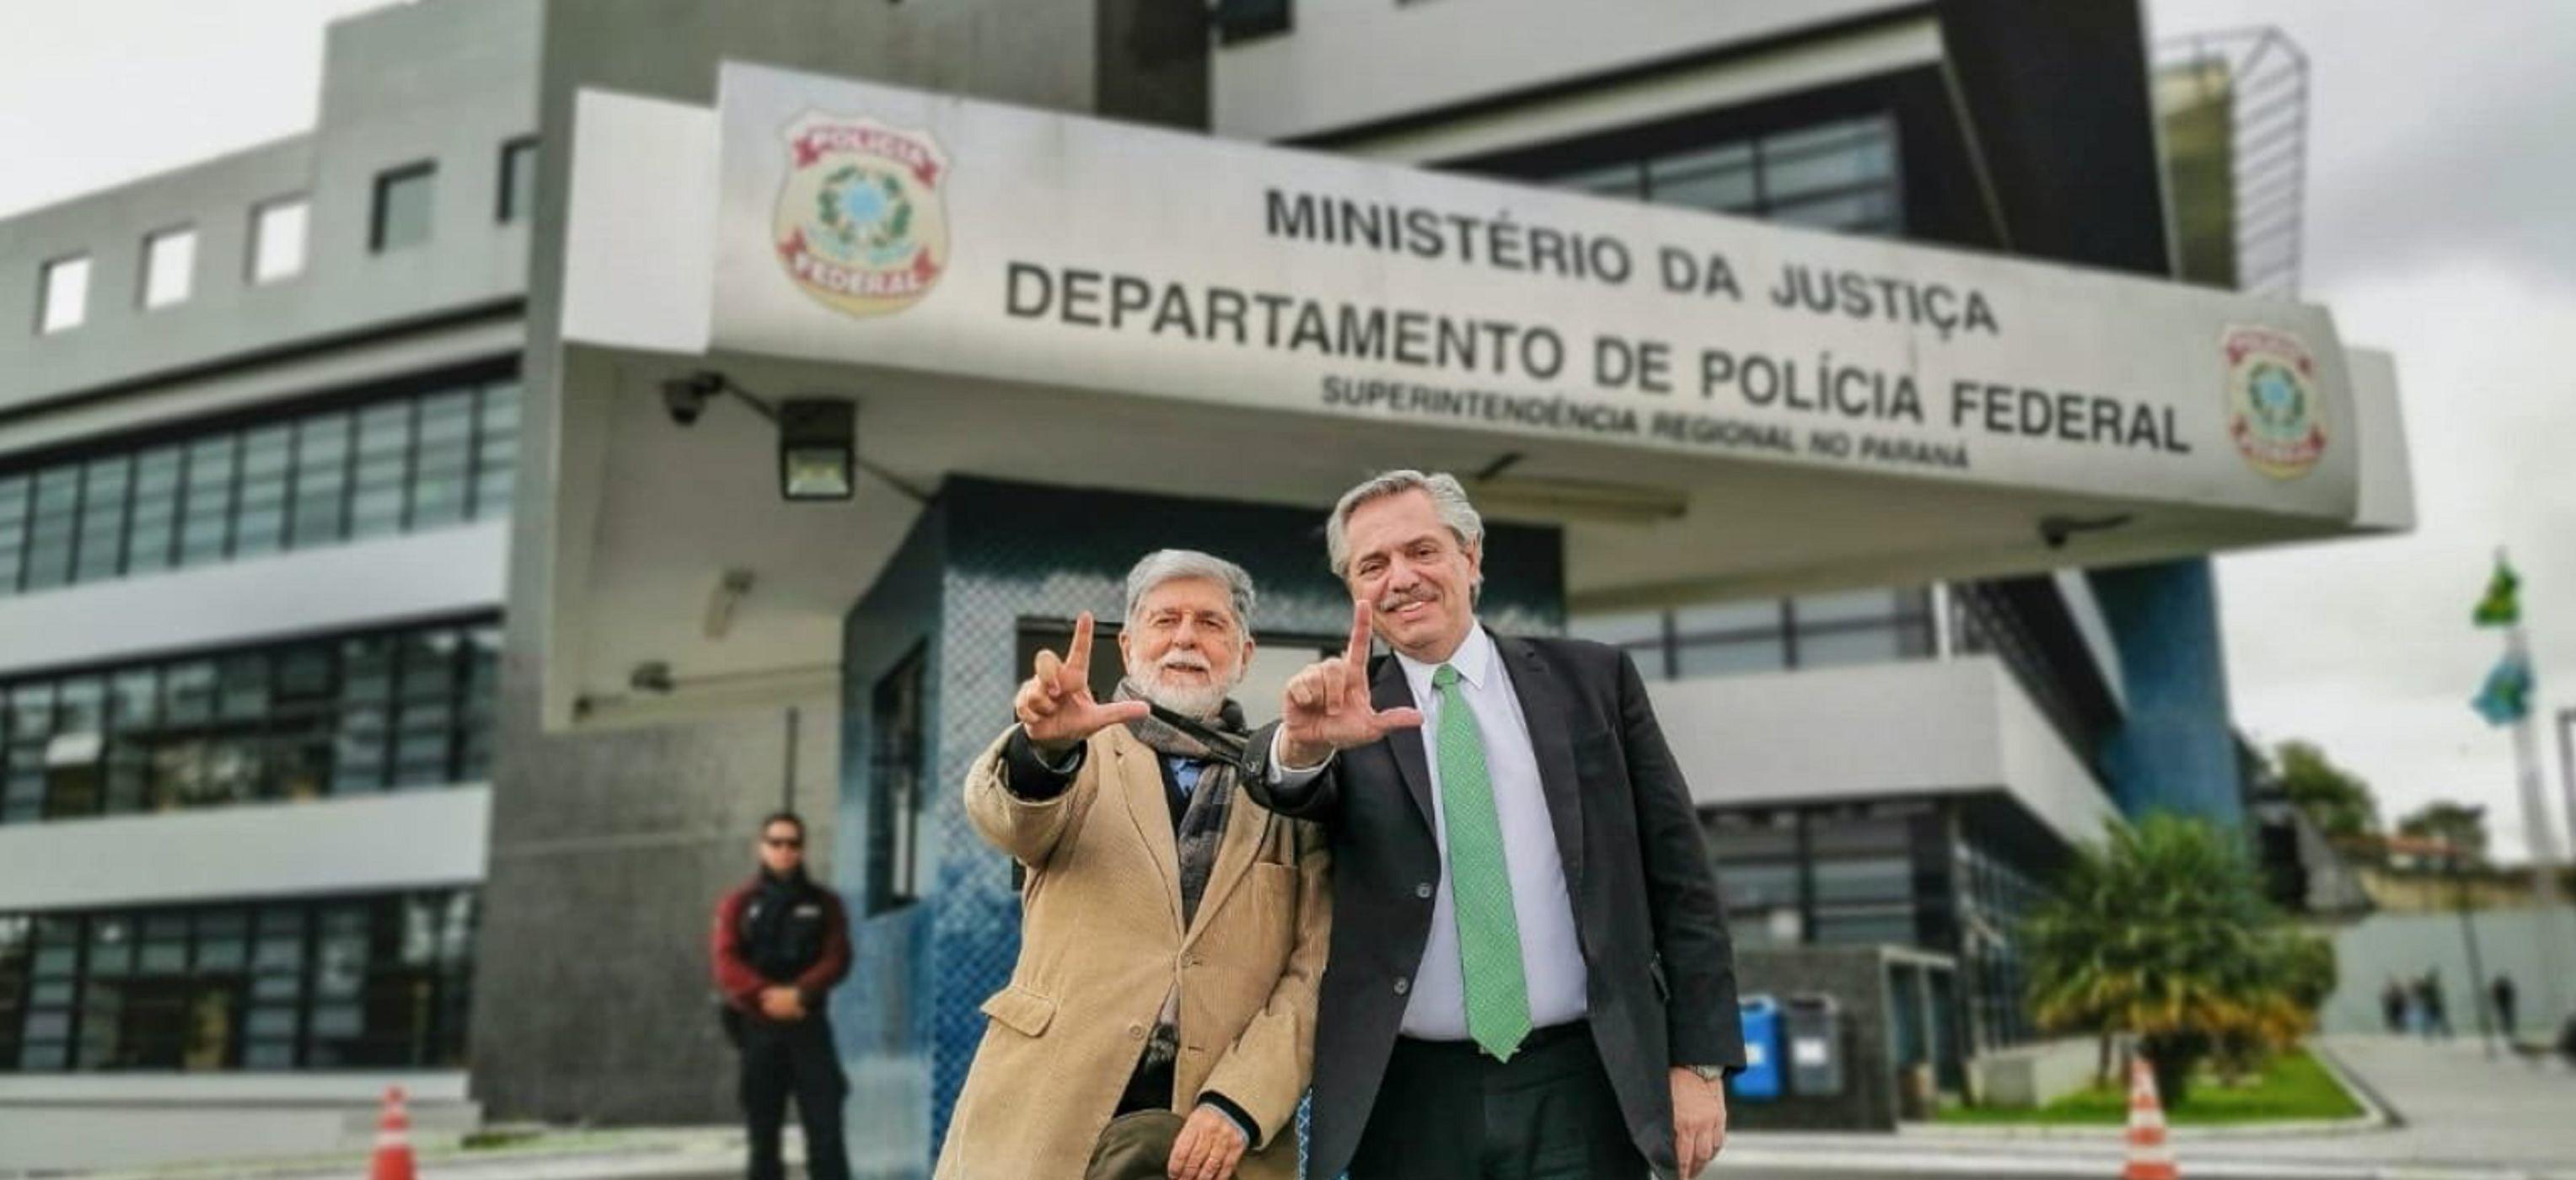 Alberto Fernández visitó a Lula en la cárcel: Es víctima de una prisión arbitraria